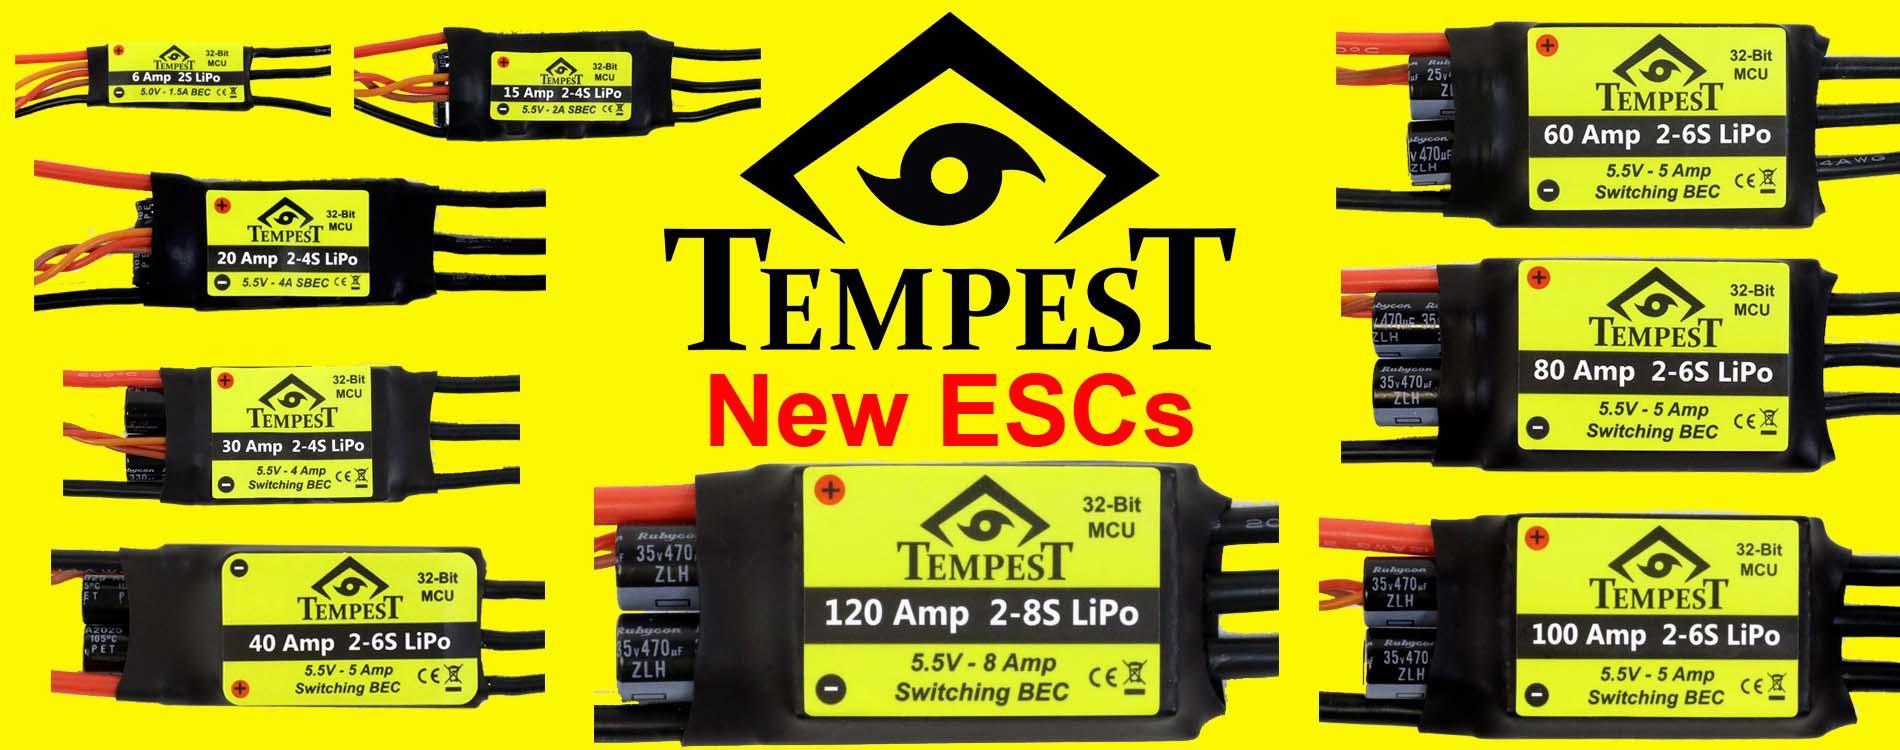 Tempest ESCs